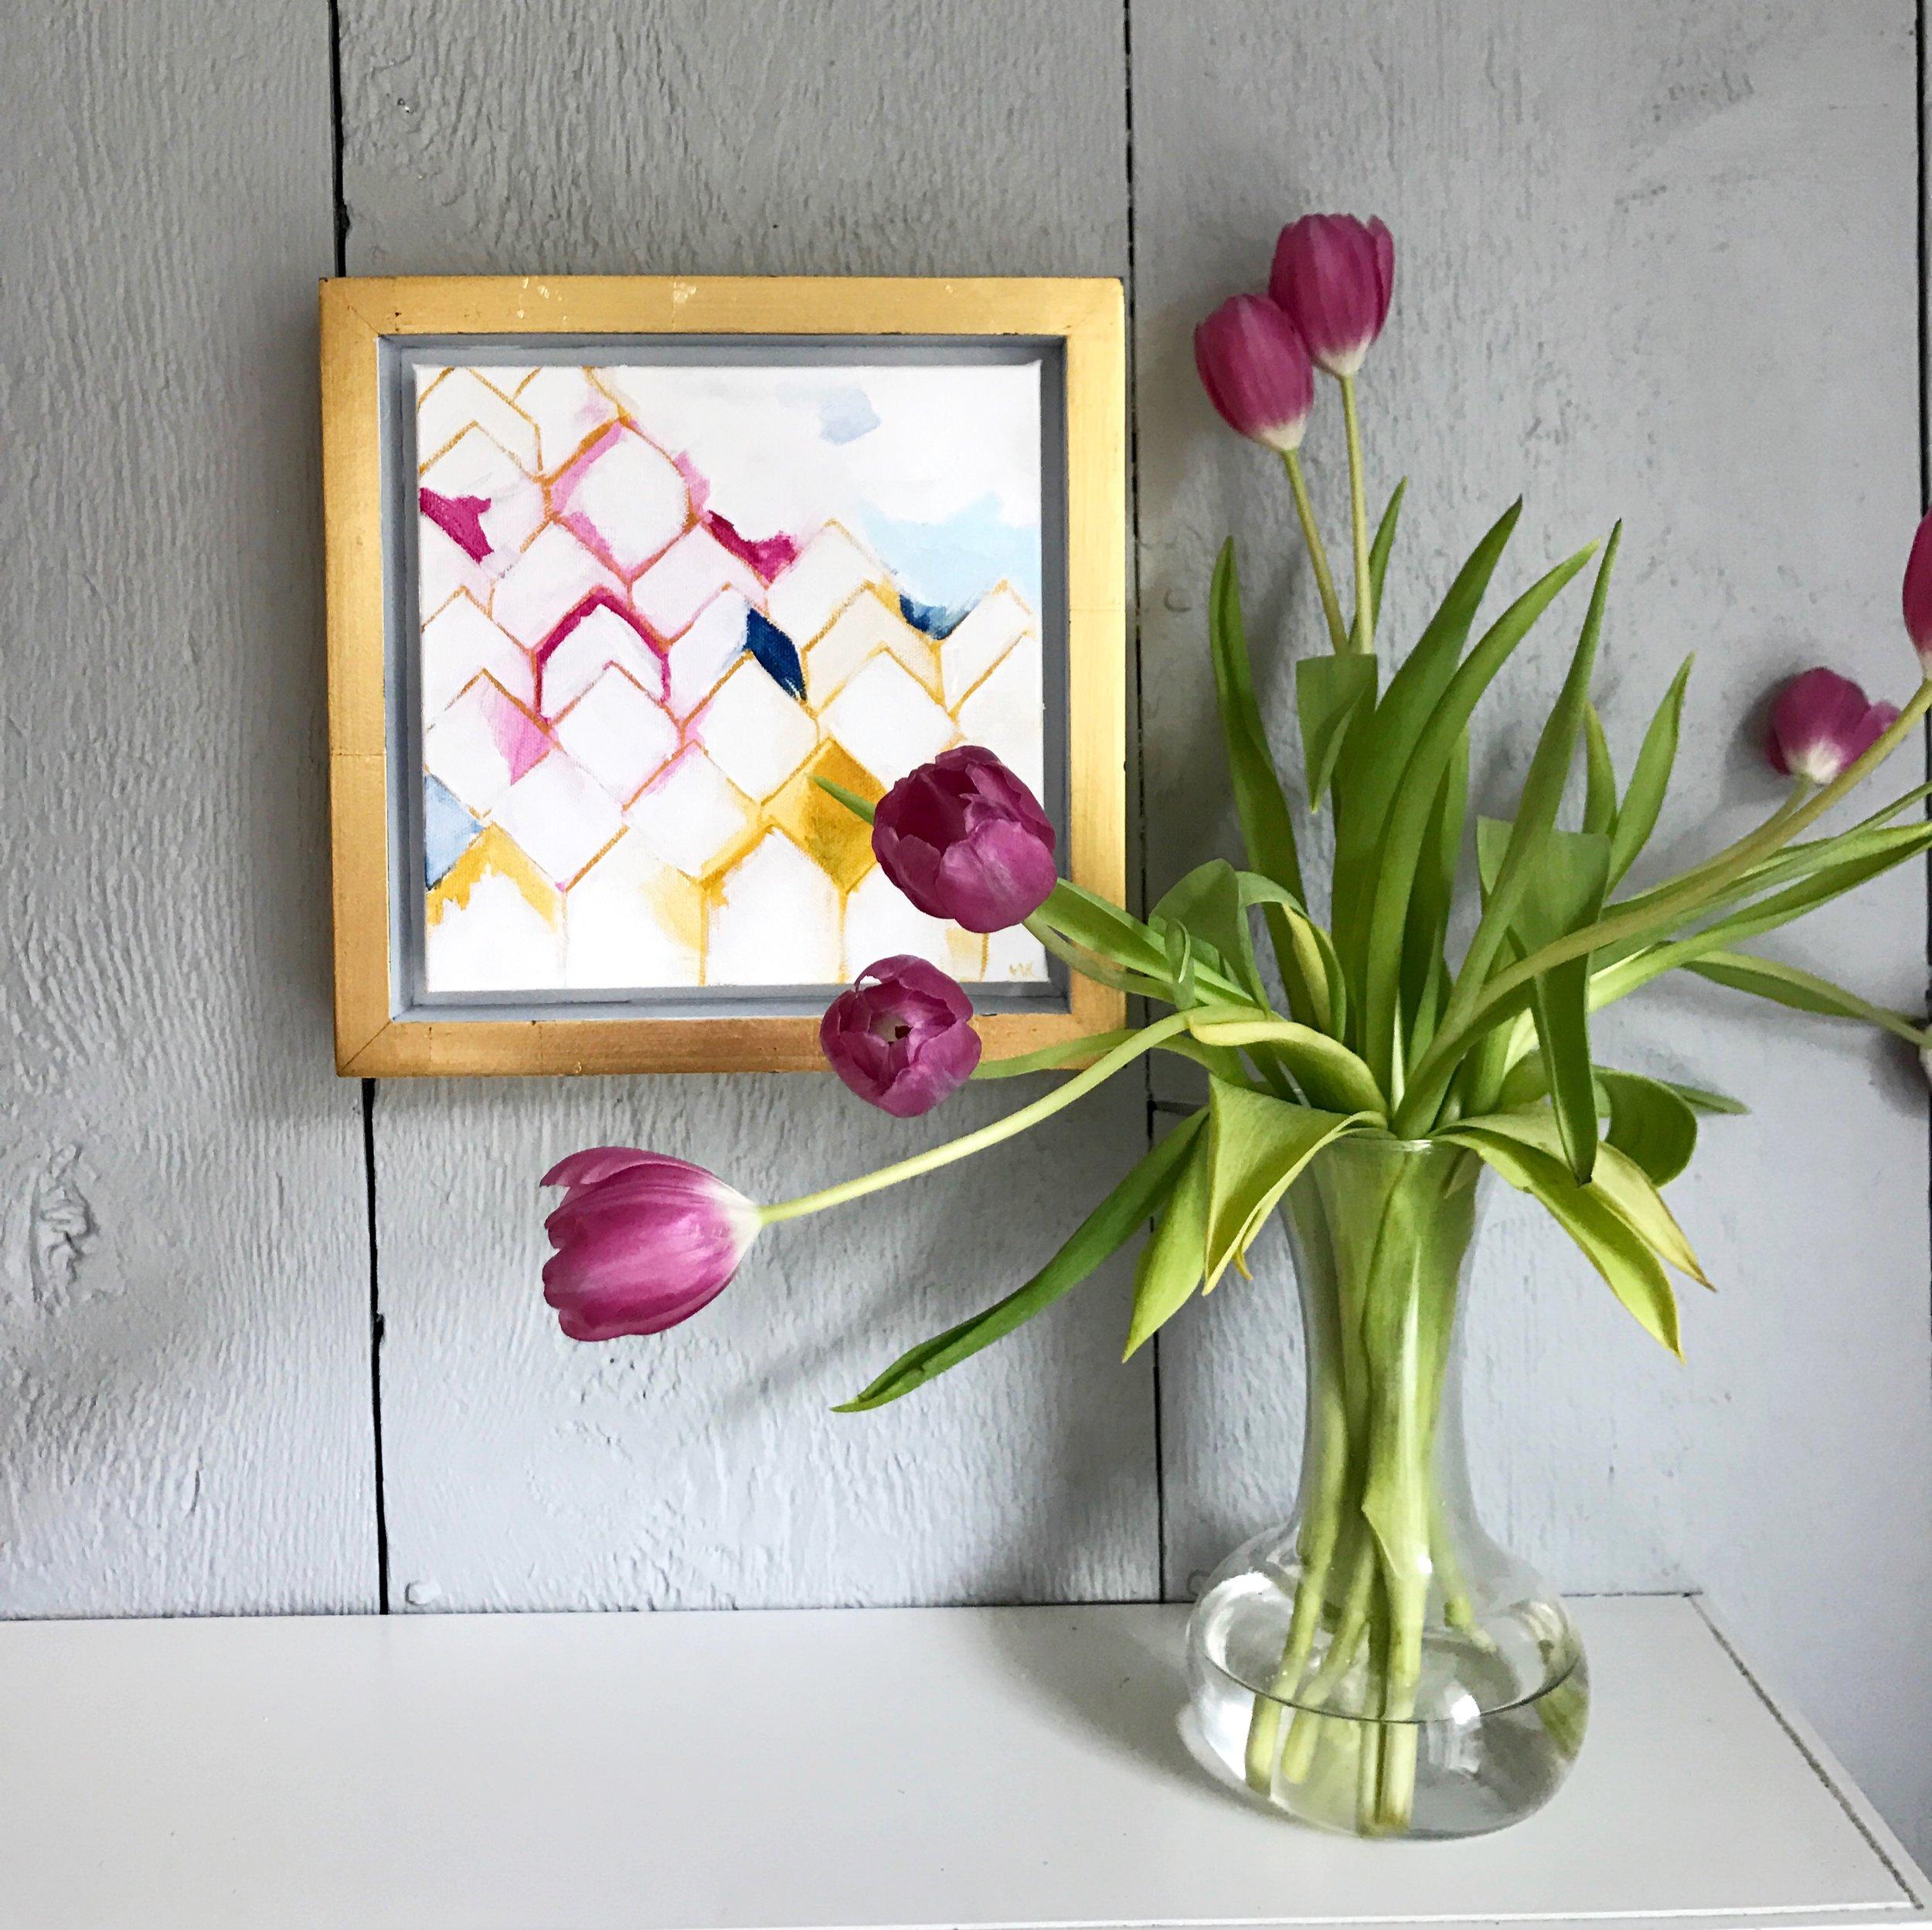 """COAST 8x8"""" acrylic on canvas framed SOLD"""